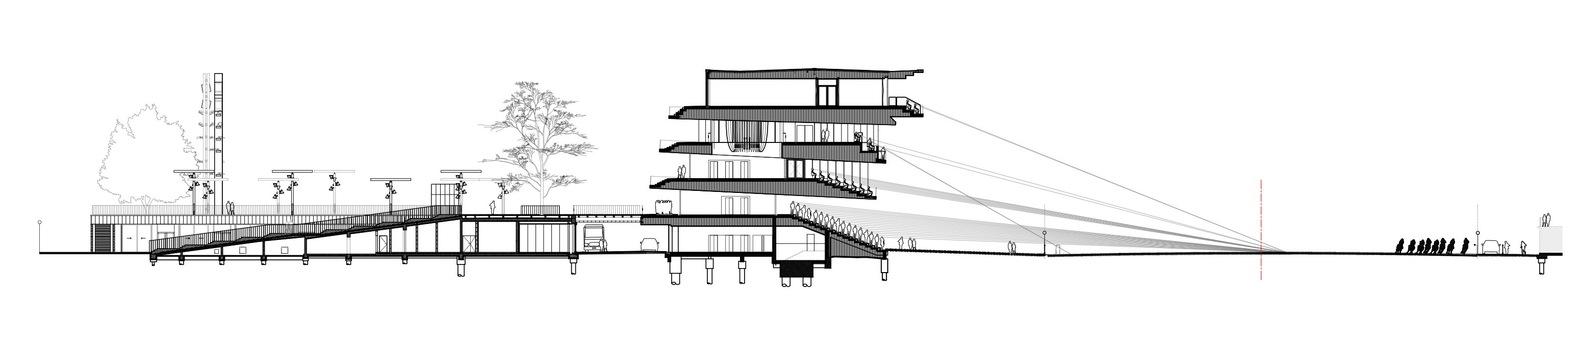 Coupe_transversale_sur_le_salon_PrÇsidentiel_et_l'escalier_d'honneur∏Dominique_Perrault_Architecte_Adagp